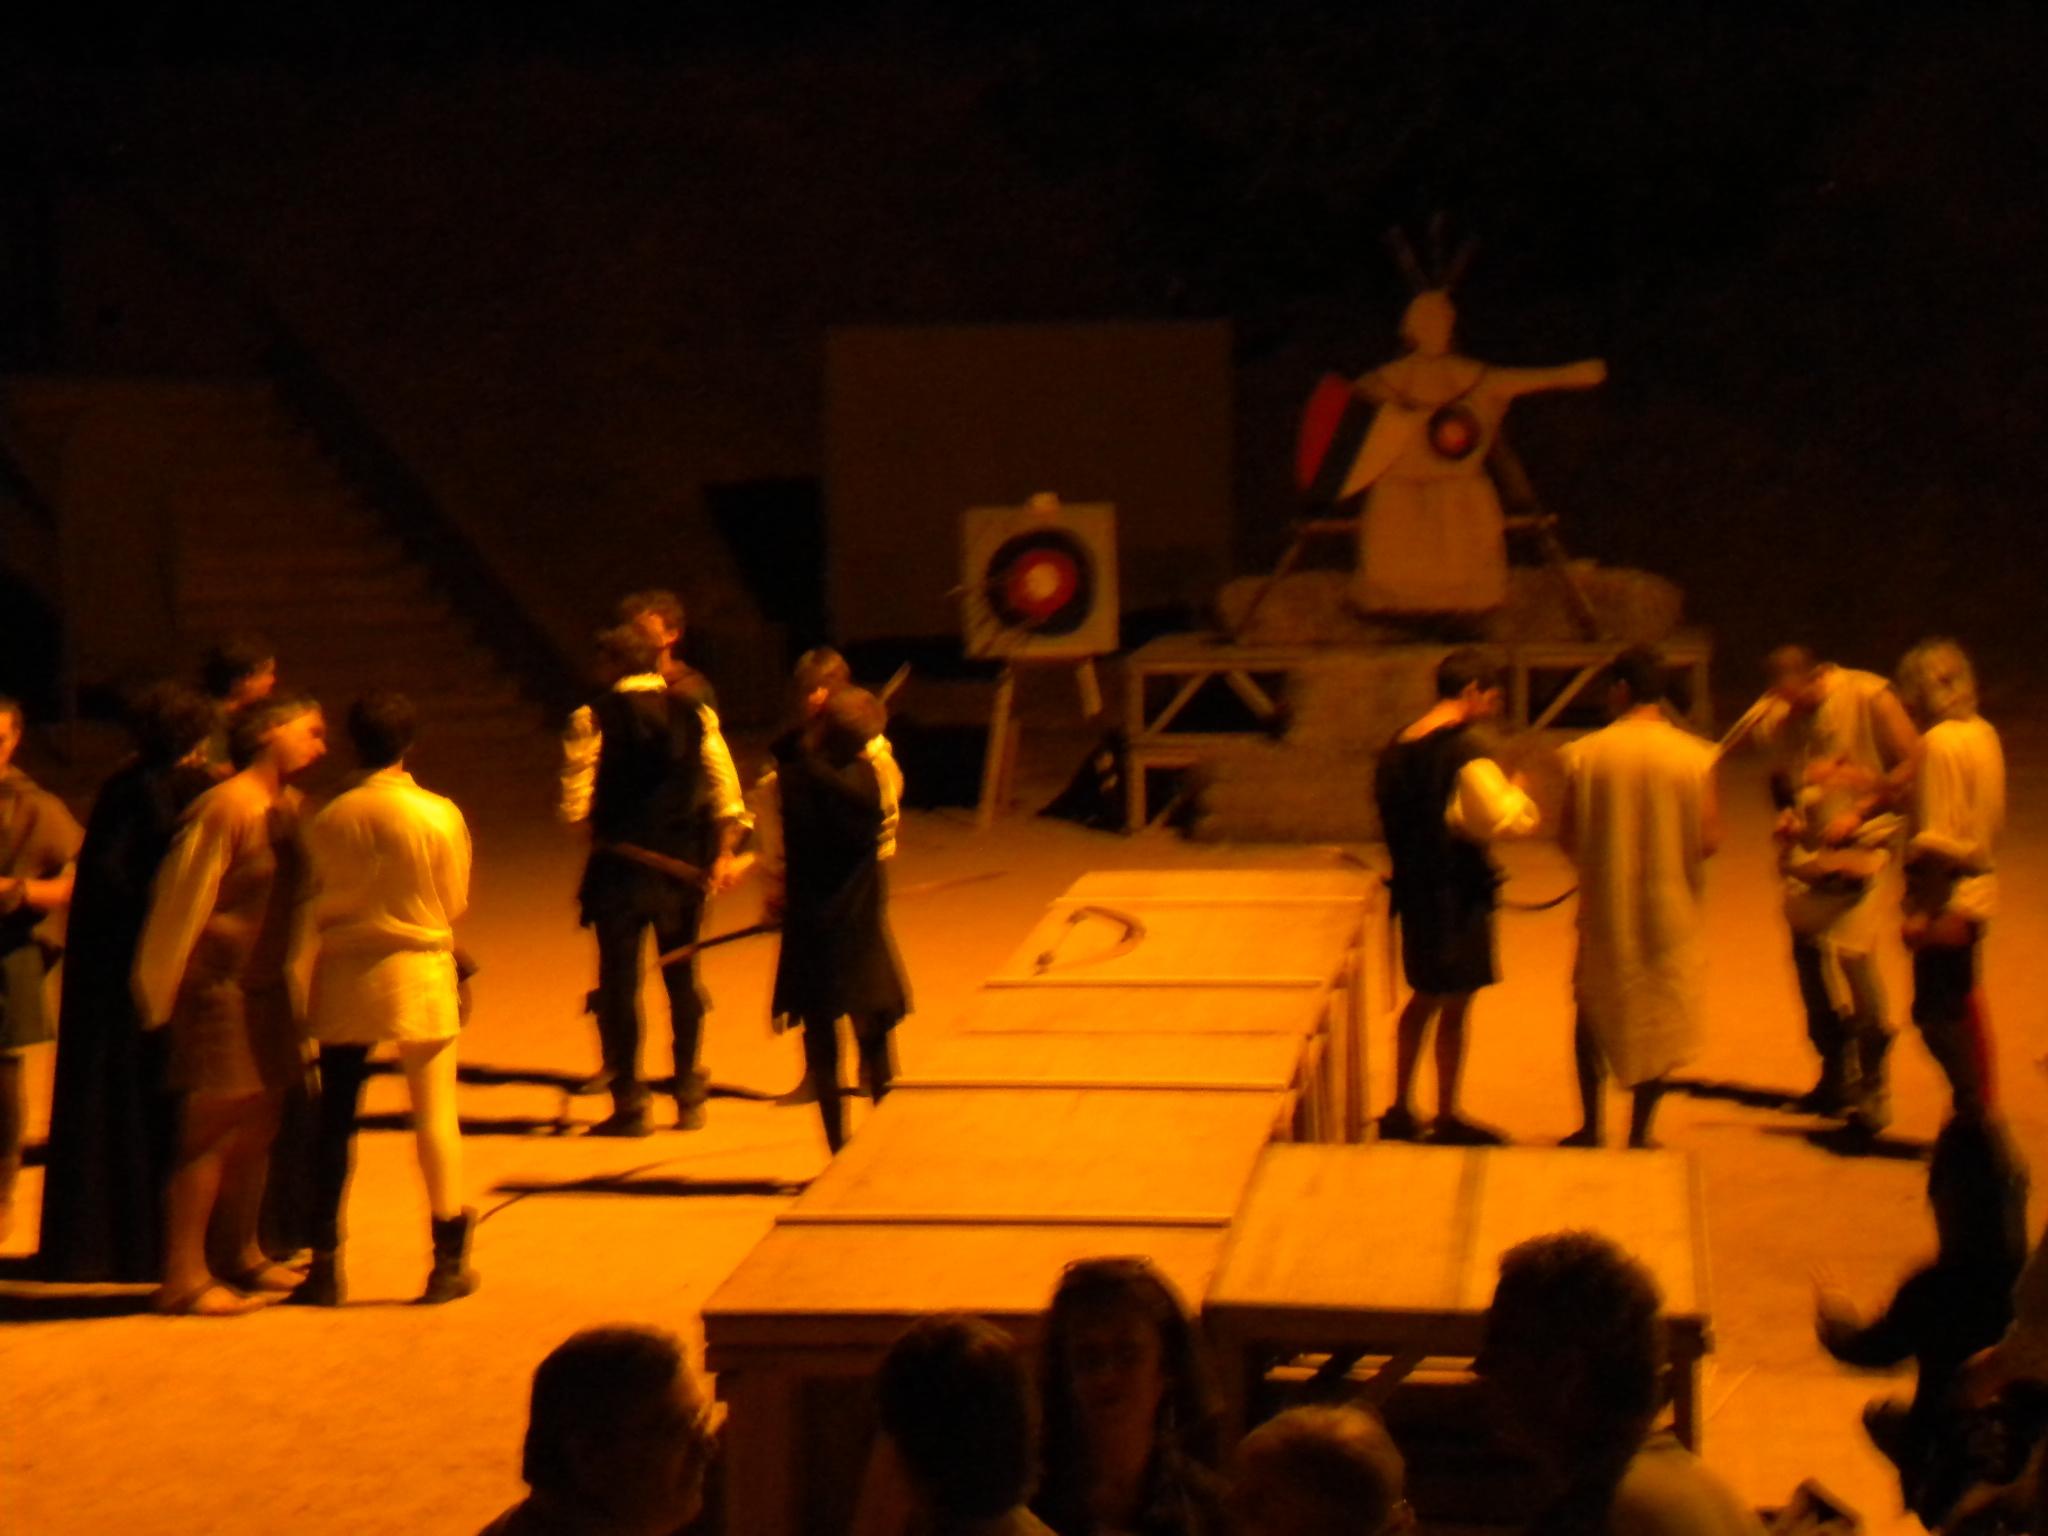 Chiusi: al Palio del Santo Anello vince lo spettacolo